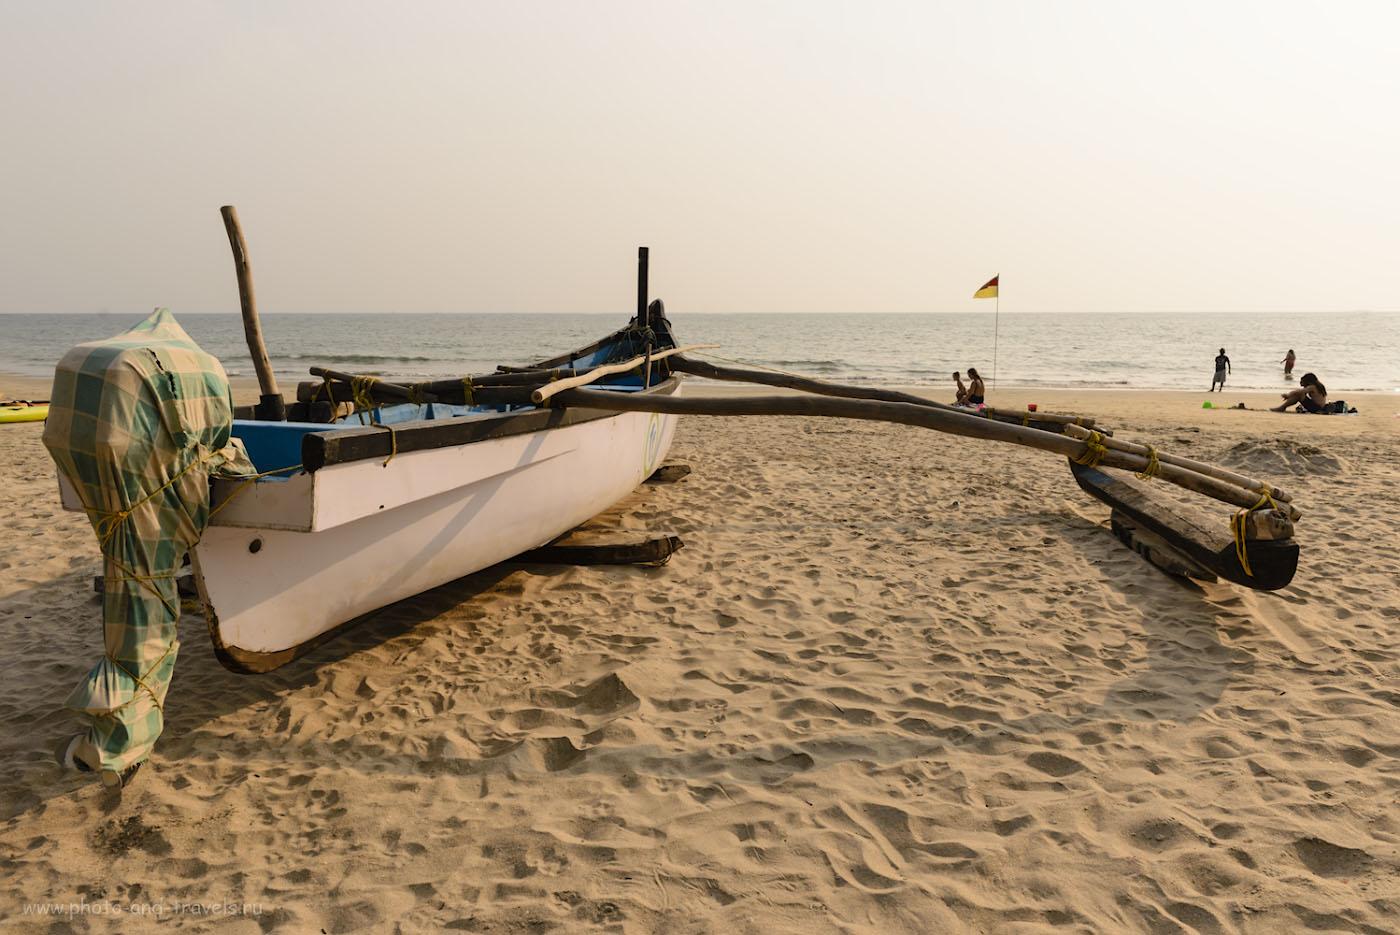 Фото 34. Вечер на пляже Палолем в Южном Гоа. Отзывы туристов об отдыхе в Индии. 1/320, -0.33, 9.0, 100, 24.